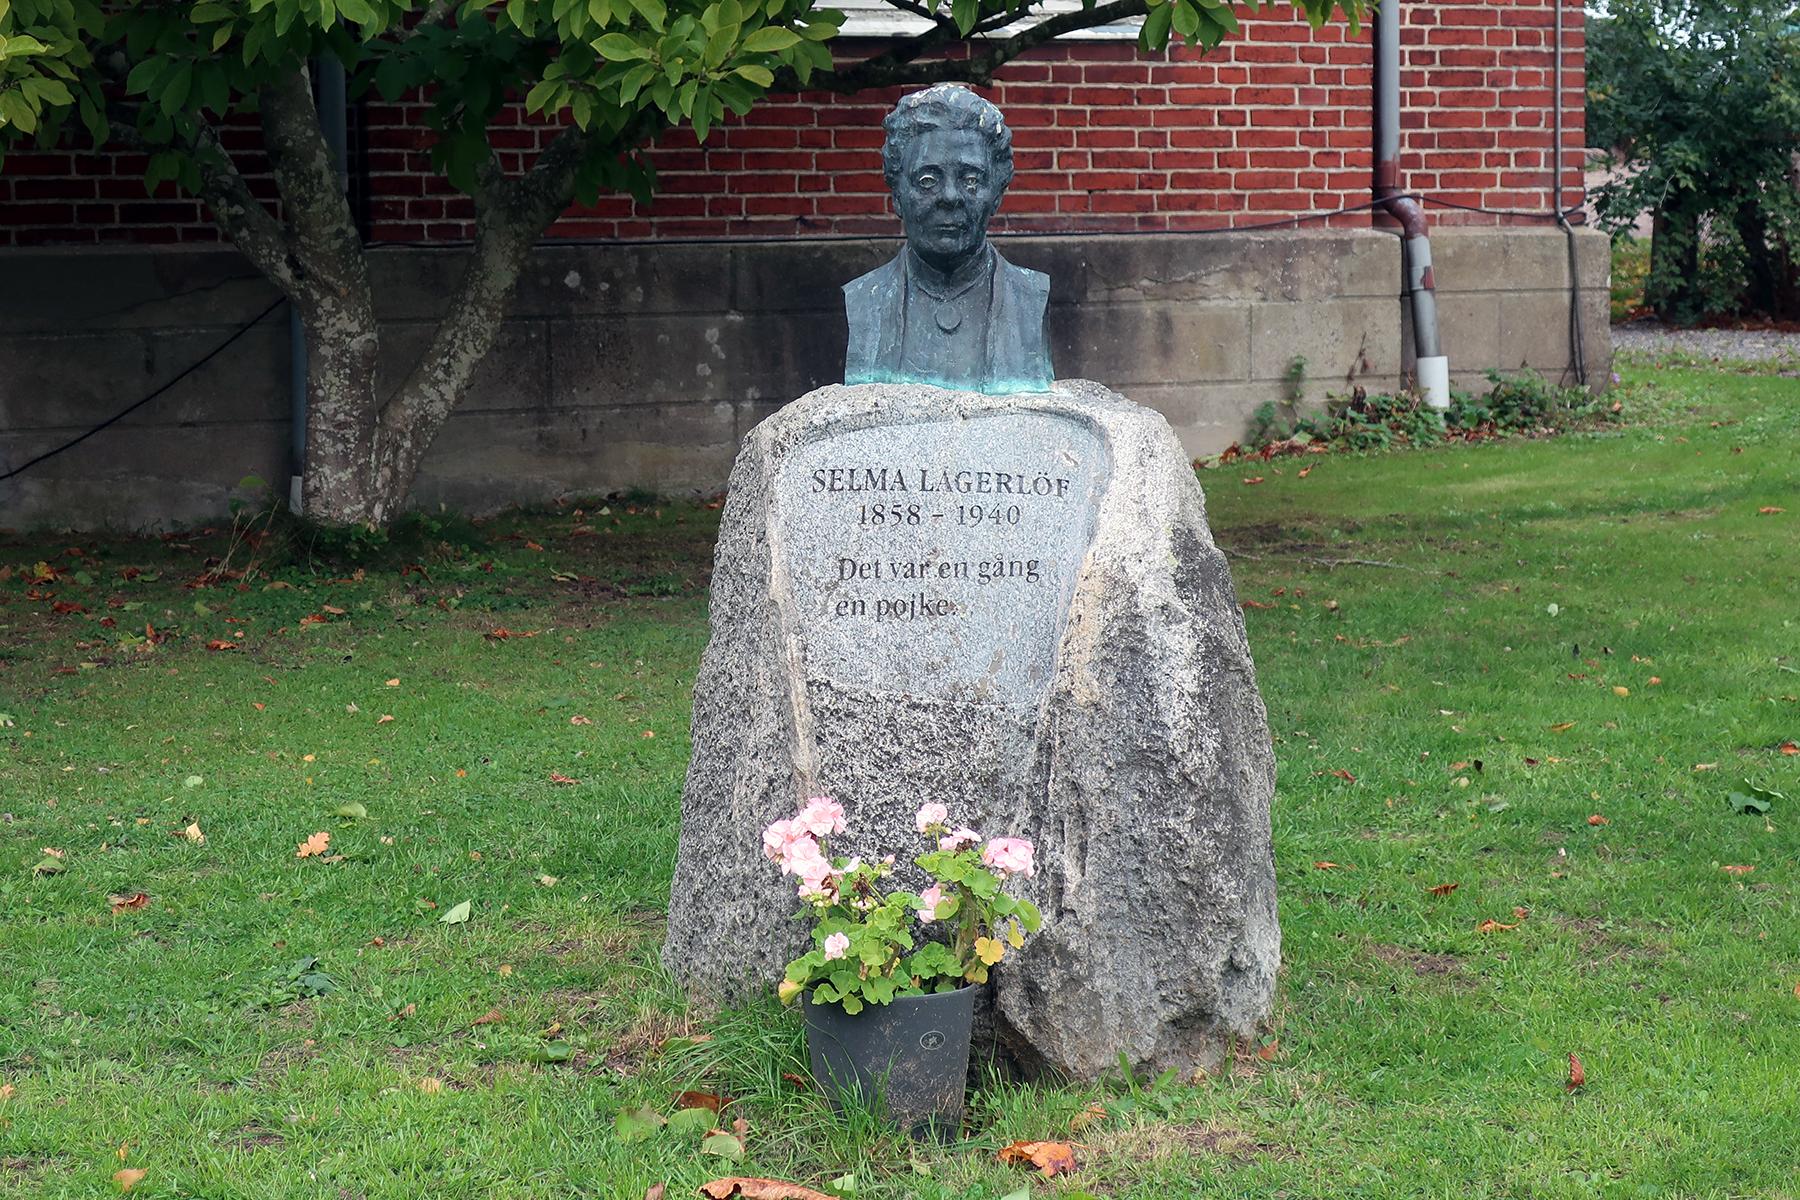 Skåne in Südschweden: Eine wunderbare Reise zu Nils Holgersson nach Schonen